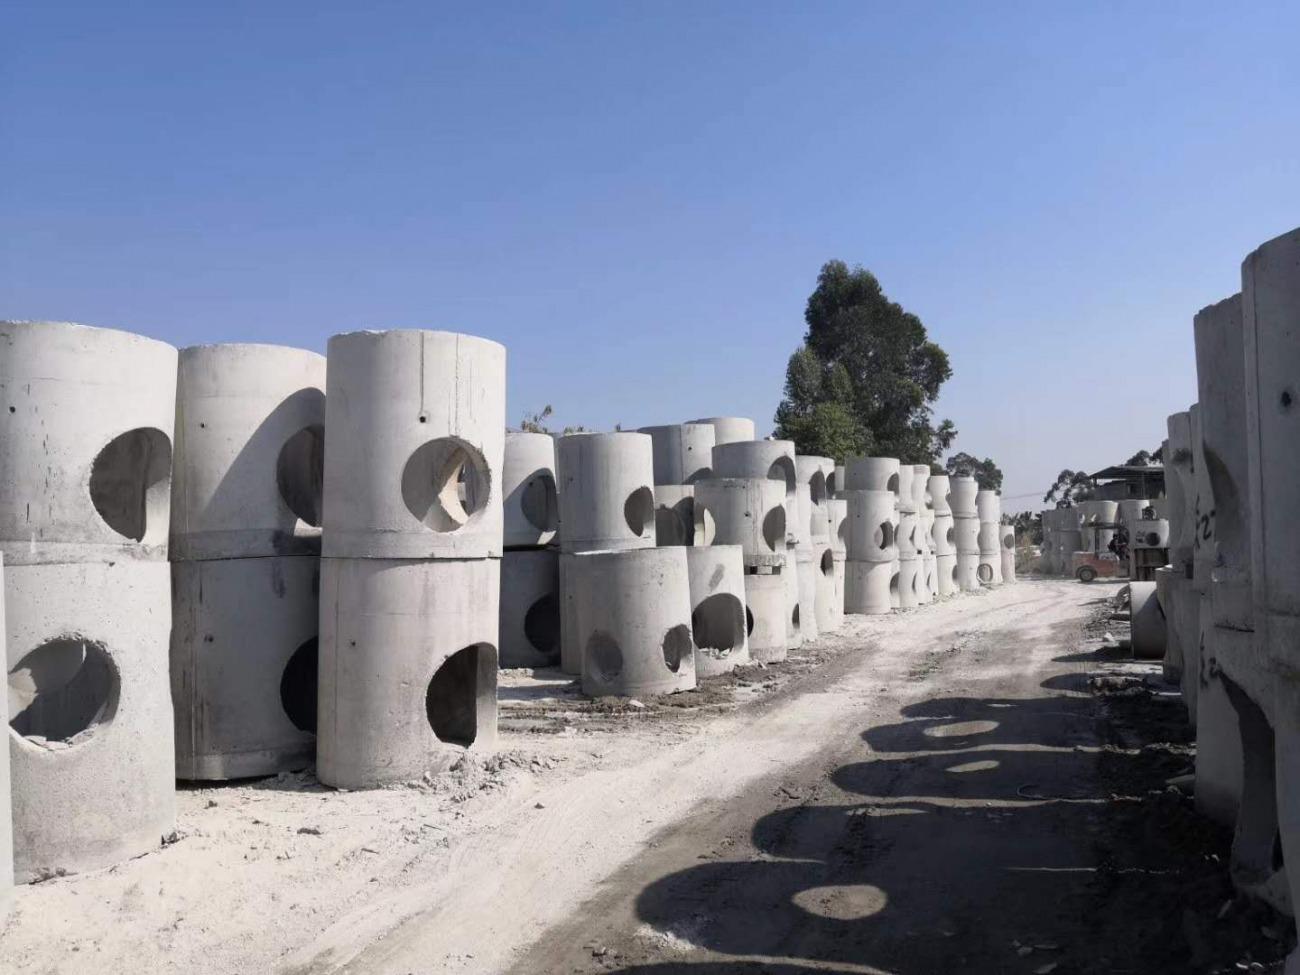 检查井这种水泥制品有什么作用?